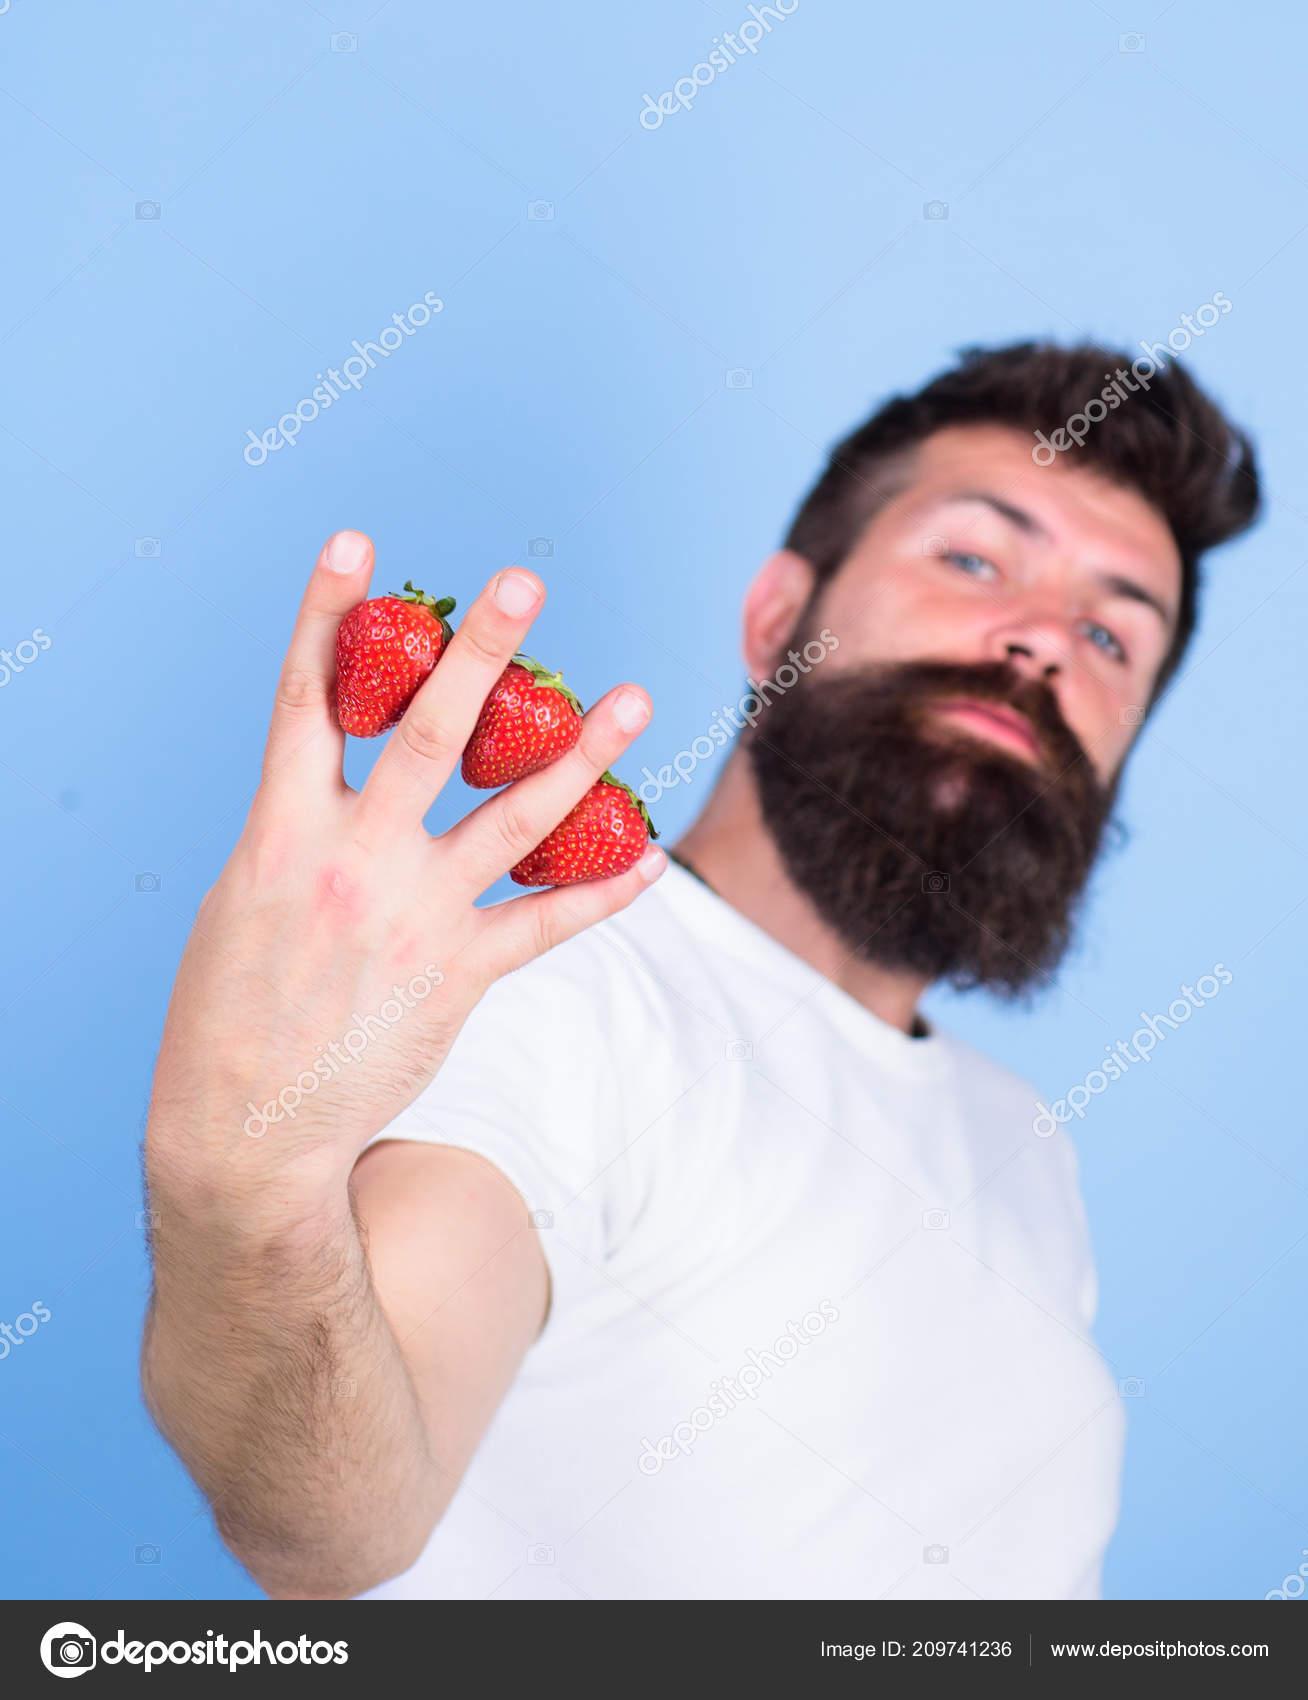 Fresas de hipster de barba de hombre entre los dedos azul de fondo. Fresa  repleto de antioxidantes de la vitamina C fibra. Beneficios nutricionales  de la ... df79a4ebd37